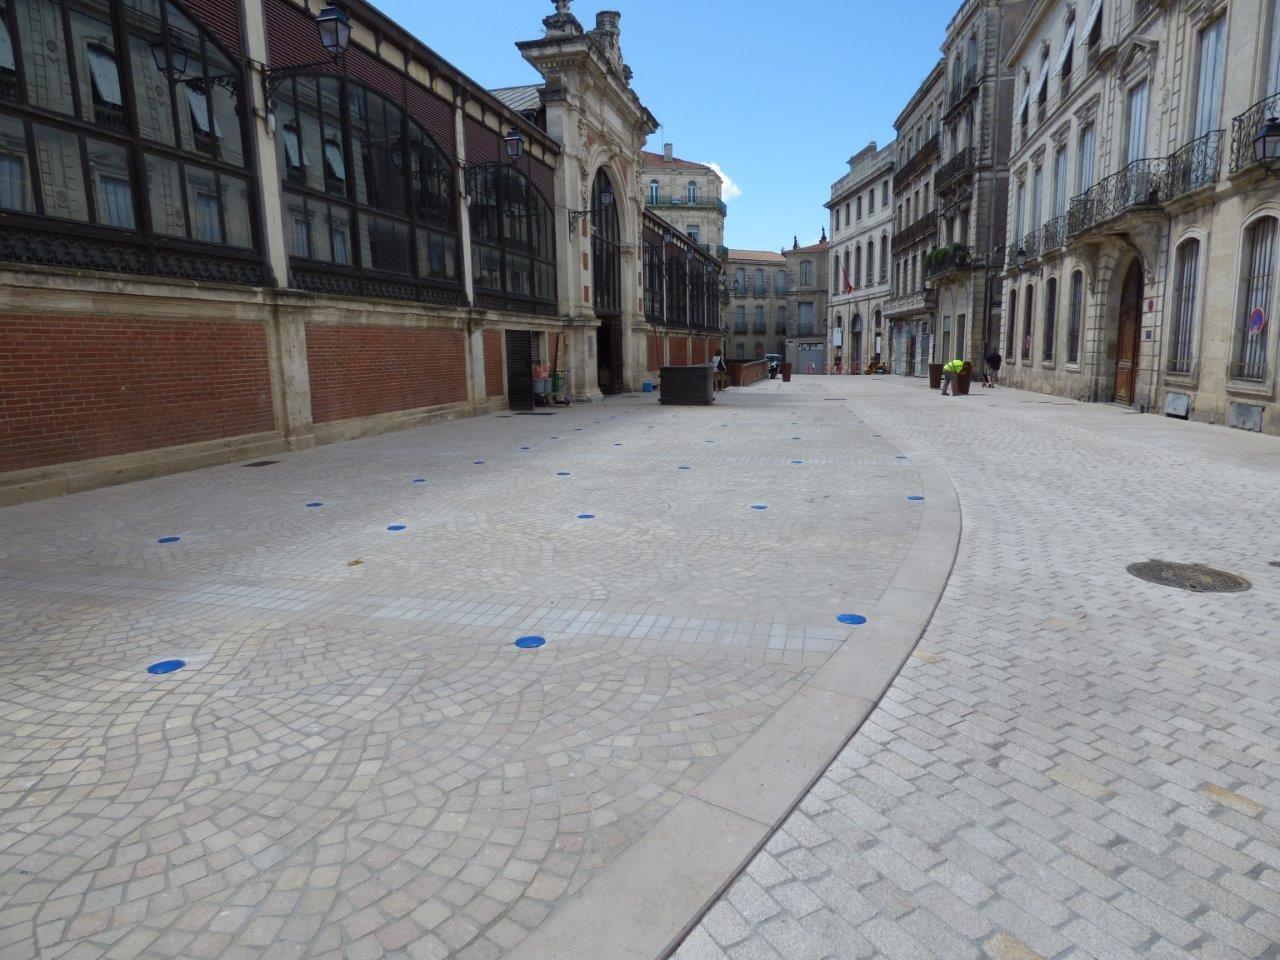 cobblestones gutters béziers halles 2016